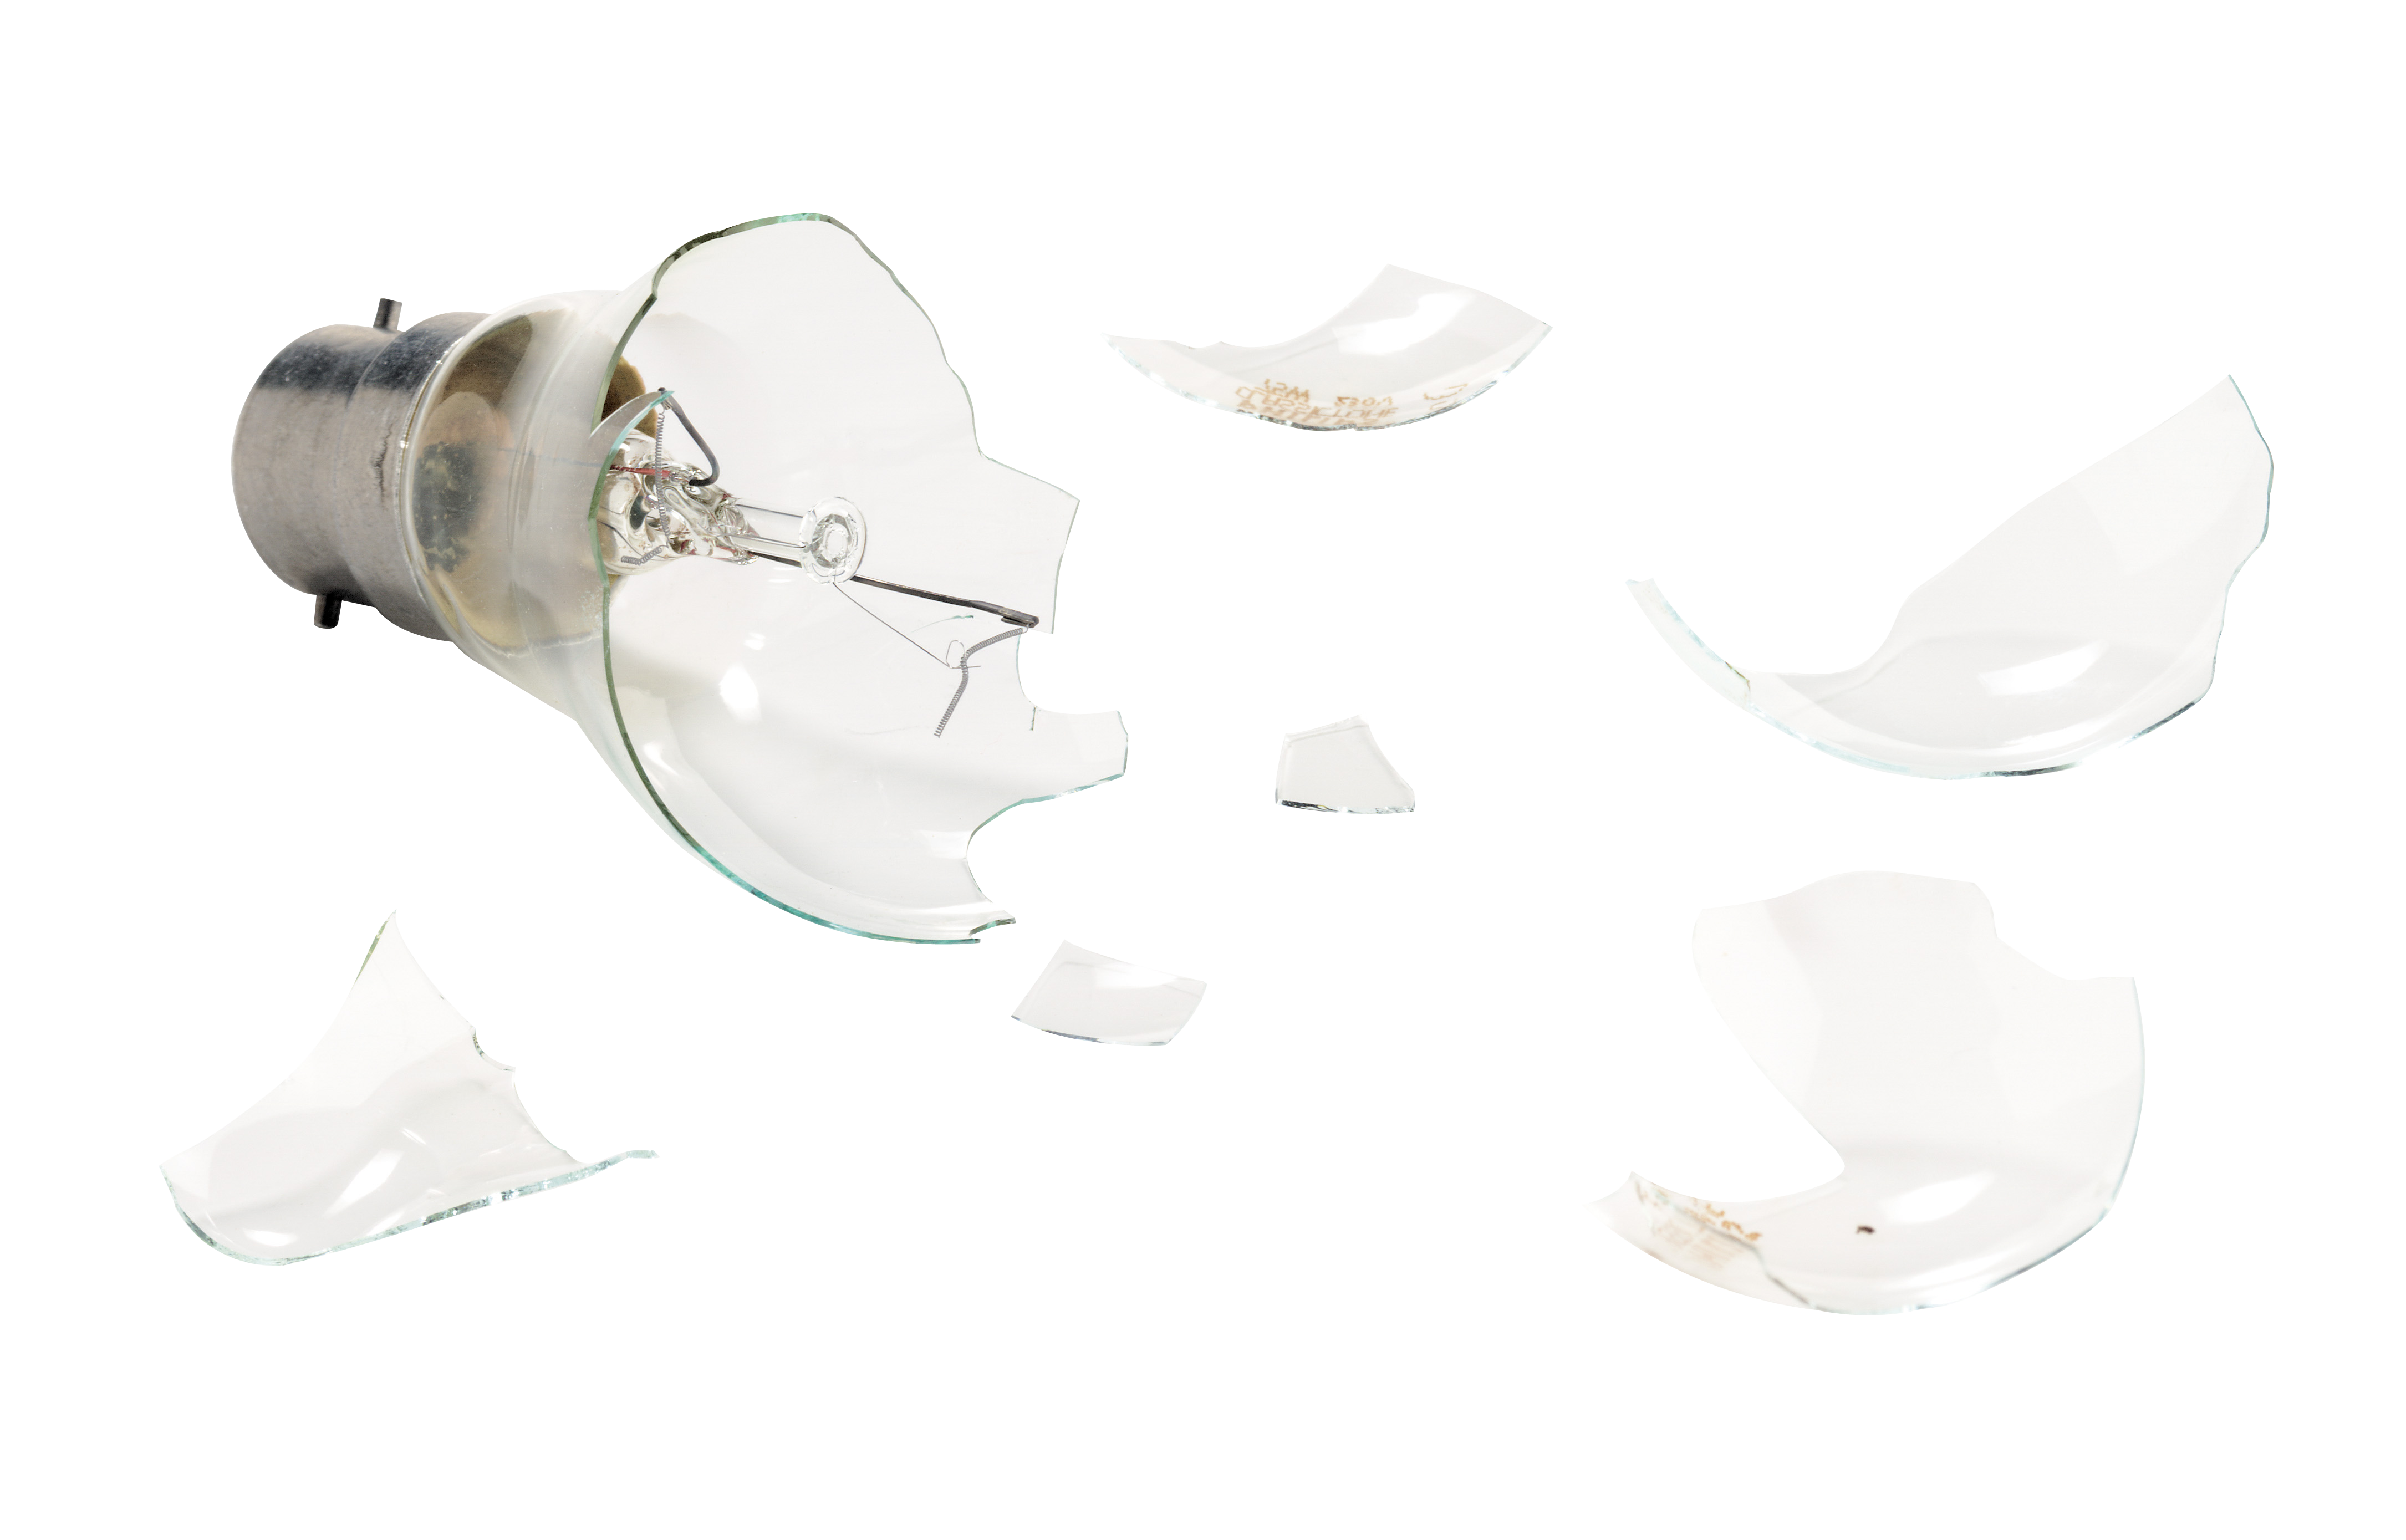 Smashed Lightbulb Art